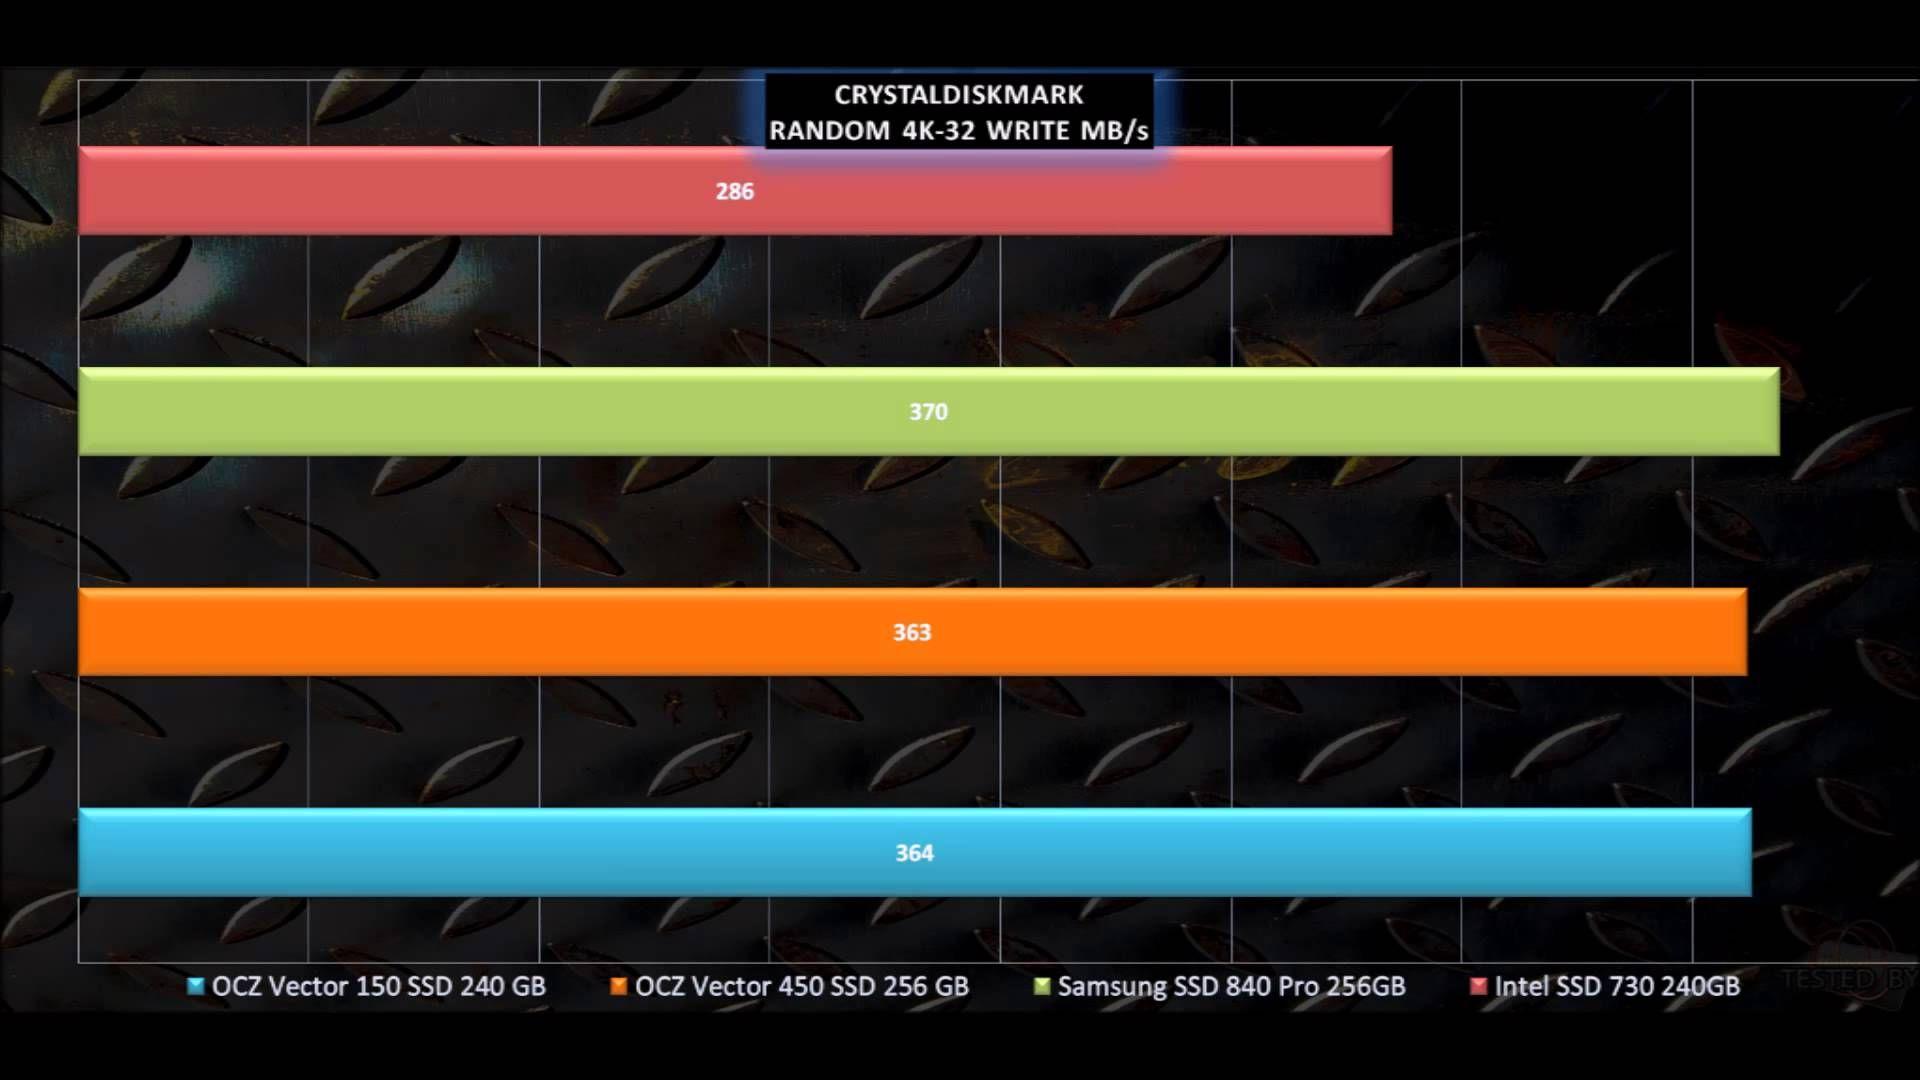 Intel Ssd 730 Vs Ocz Vector 150 Vs Ocz Vector 450 Vs Samsung Ssd 840 Pro Ssd Intel Samsung